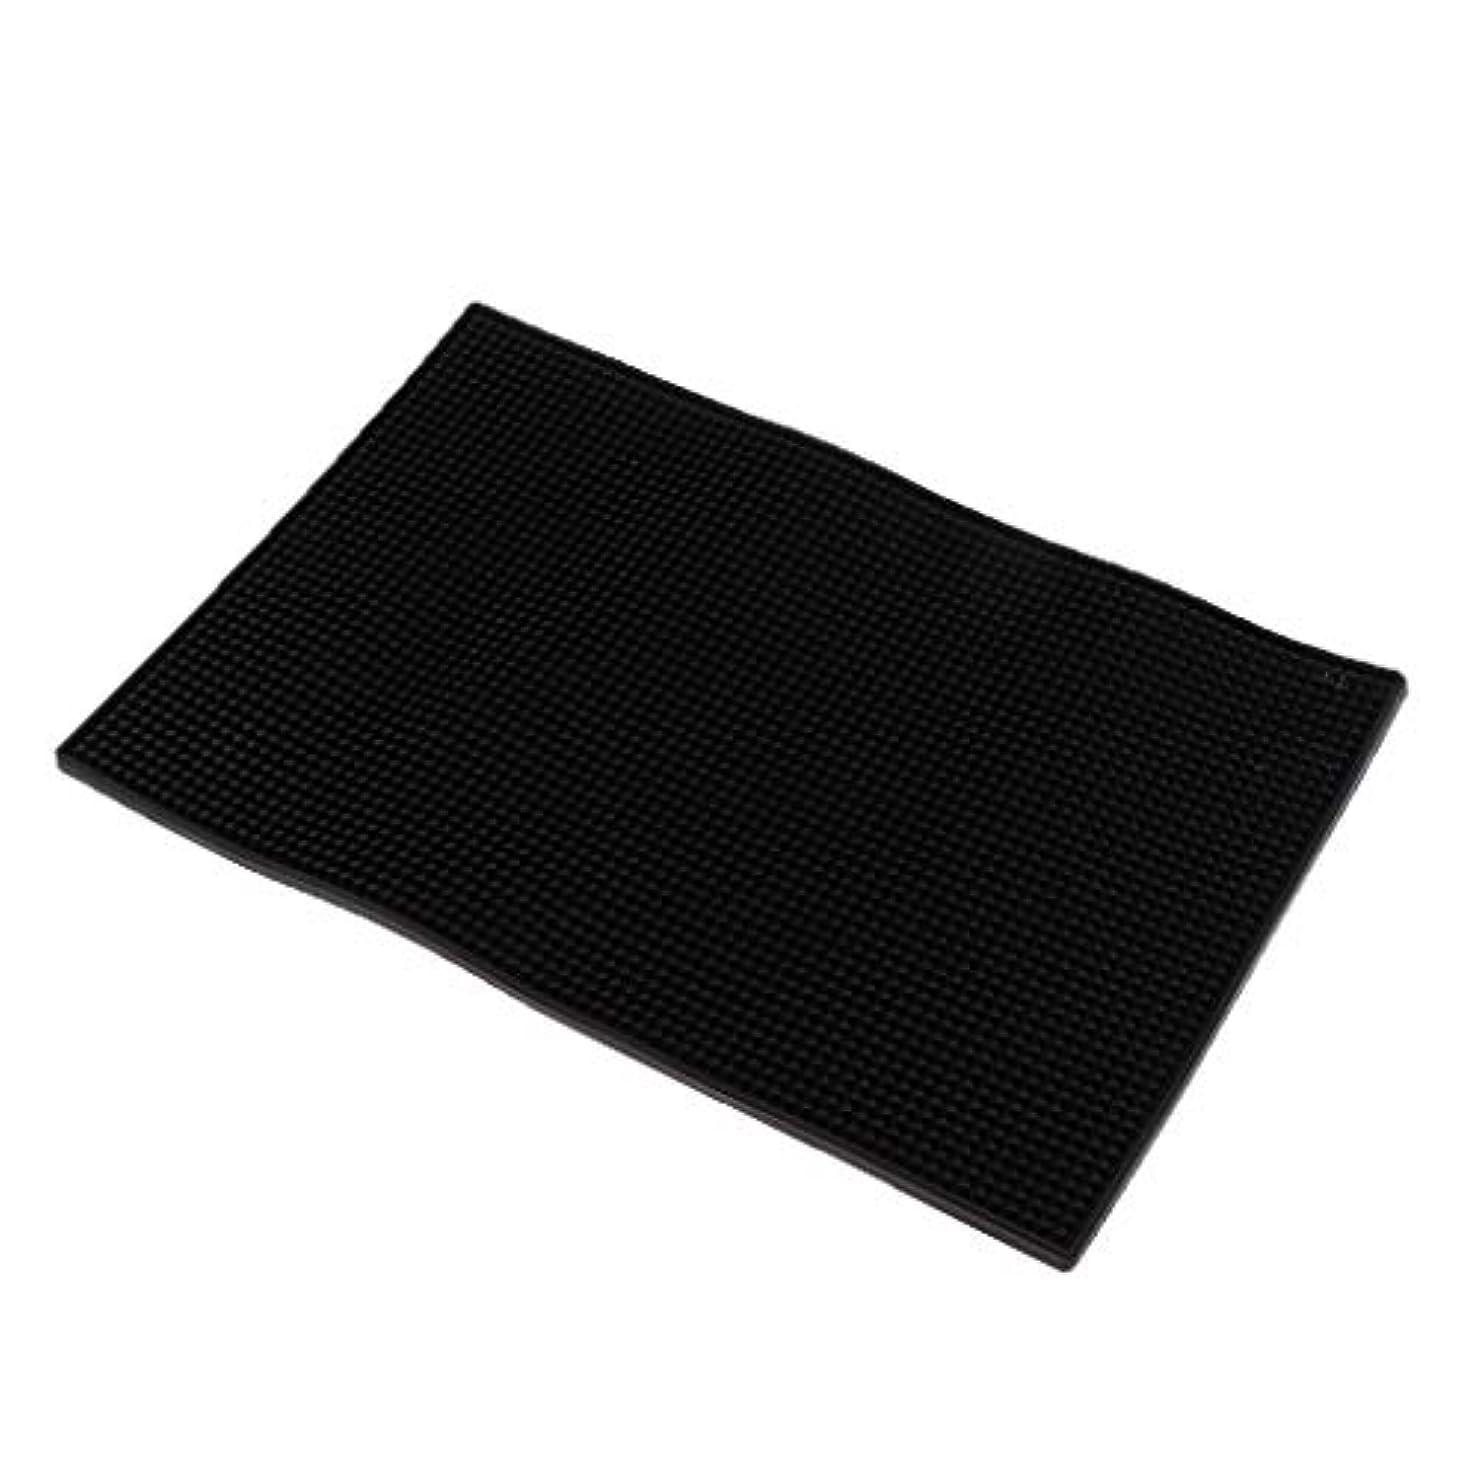 アサードナウ川ワイプToygogo マニキュアツール ネイルアートクッション ピロー シリコンマット 全3色 - 黒